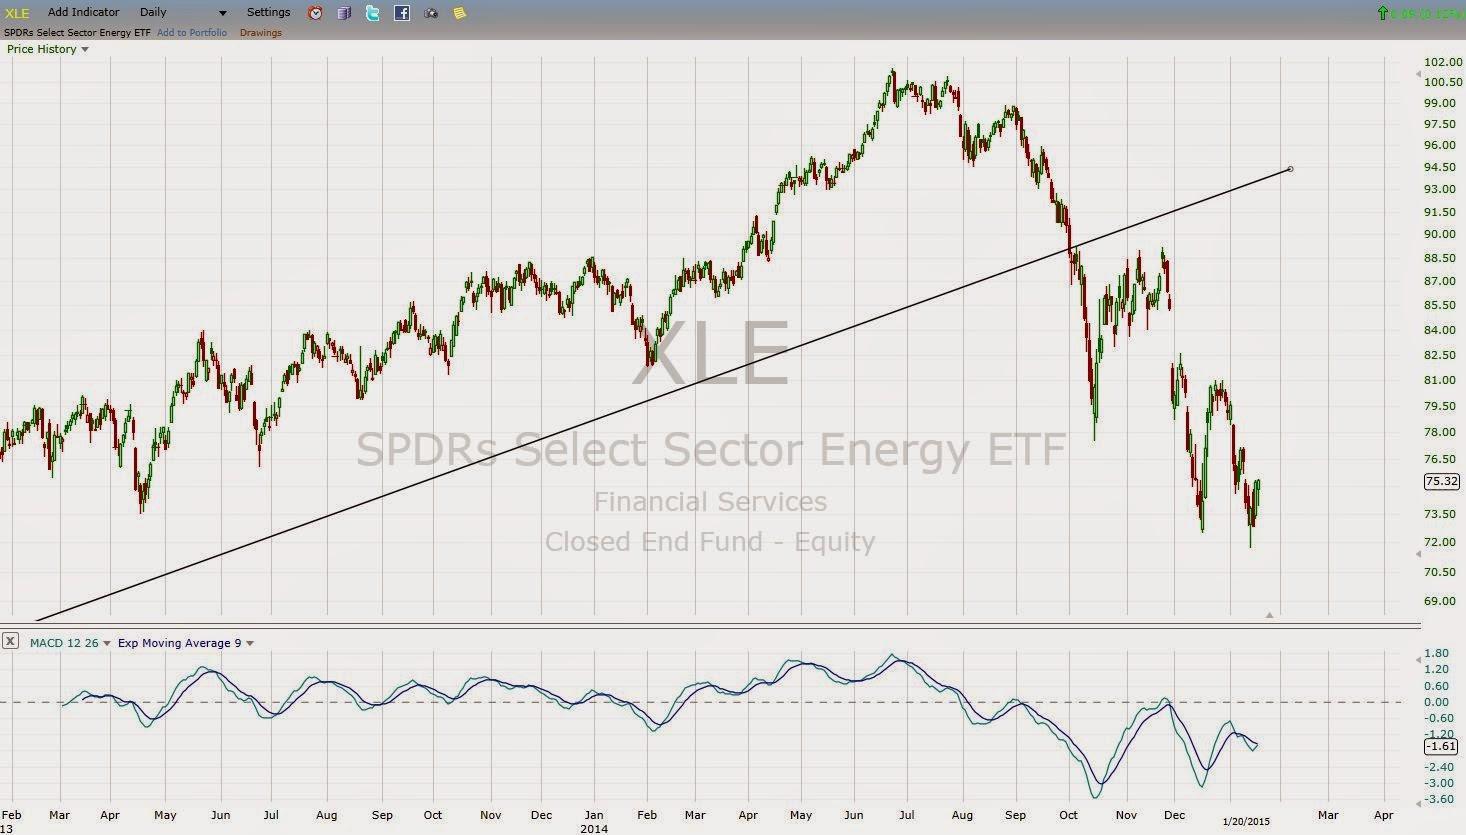 XLE bullish divergence